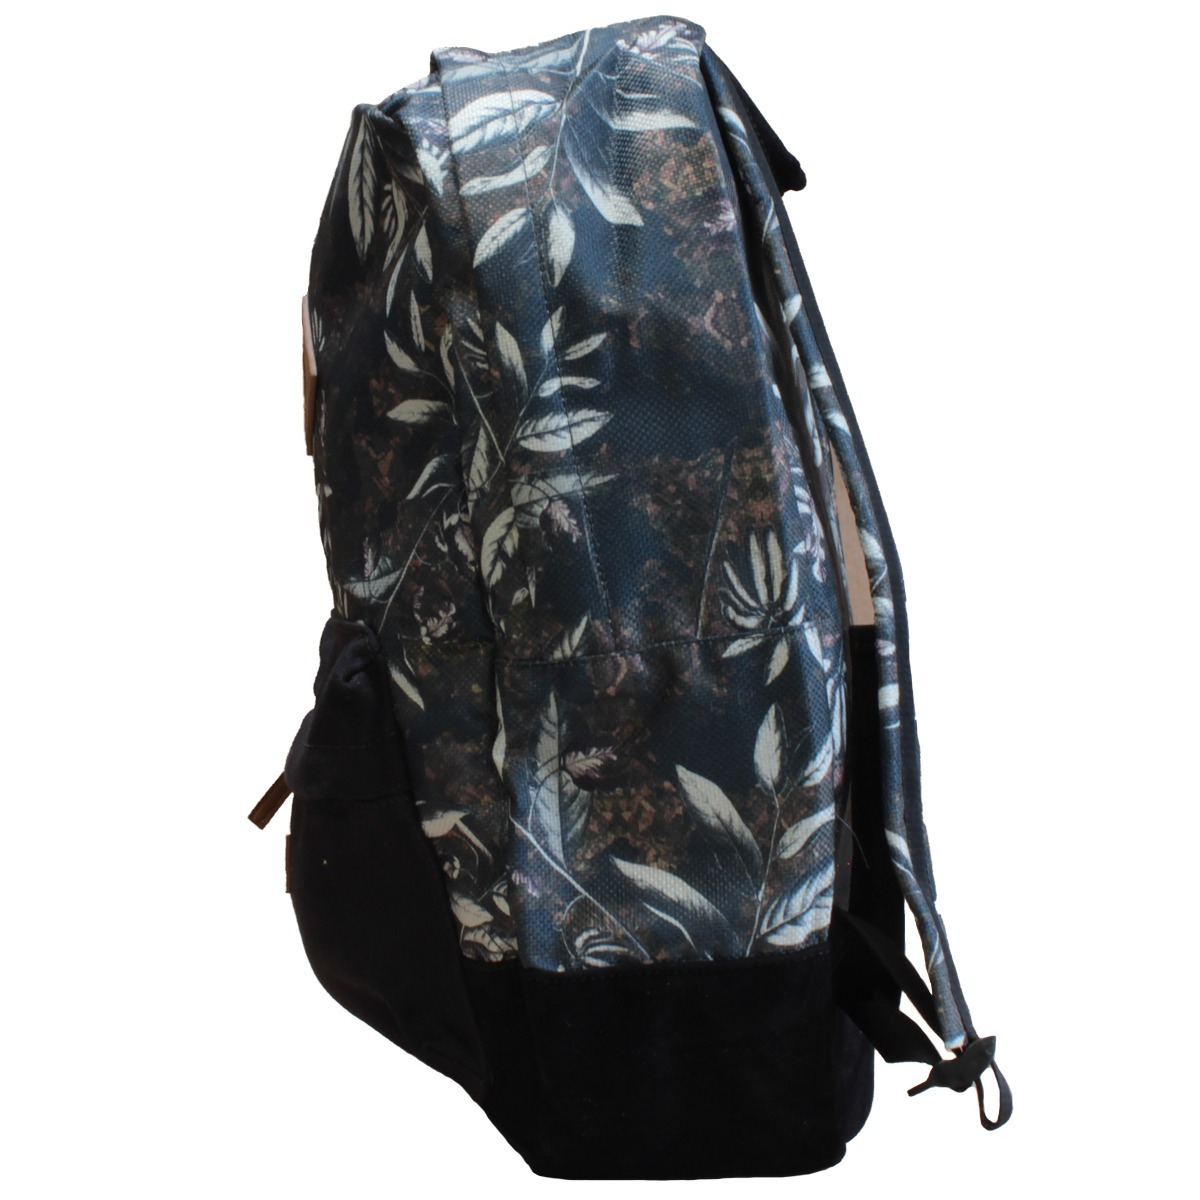 0d8cfe296 mochila masculina feminina escolar hocks skate calouro bag. Carregando zoom.